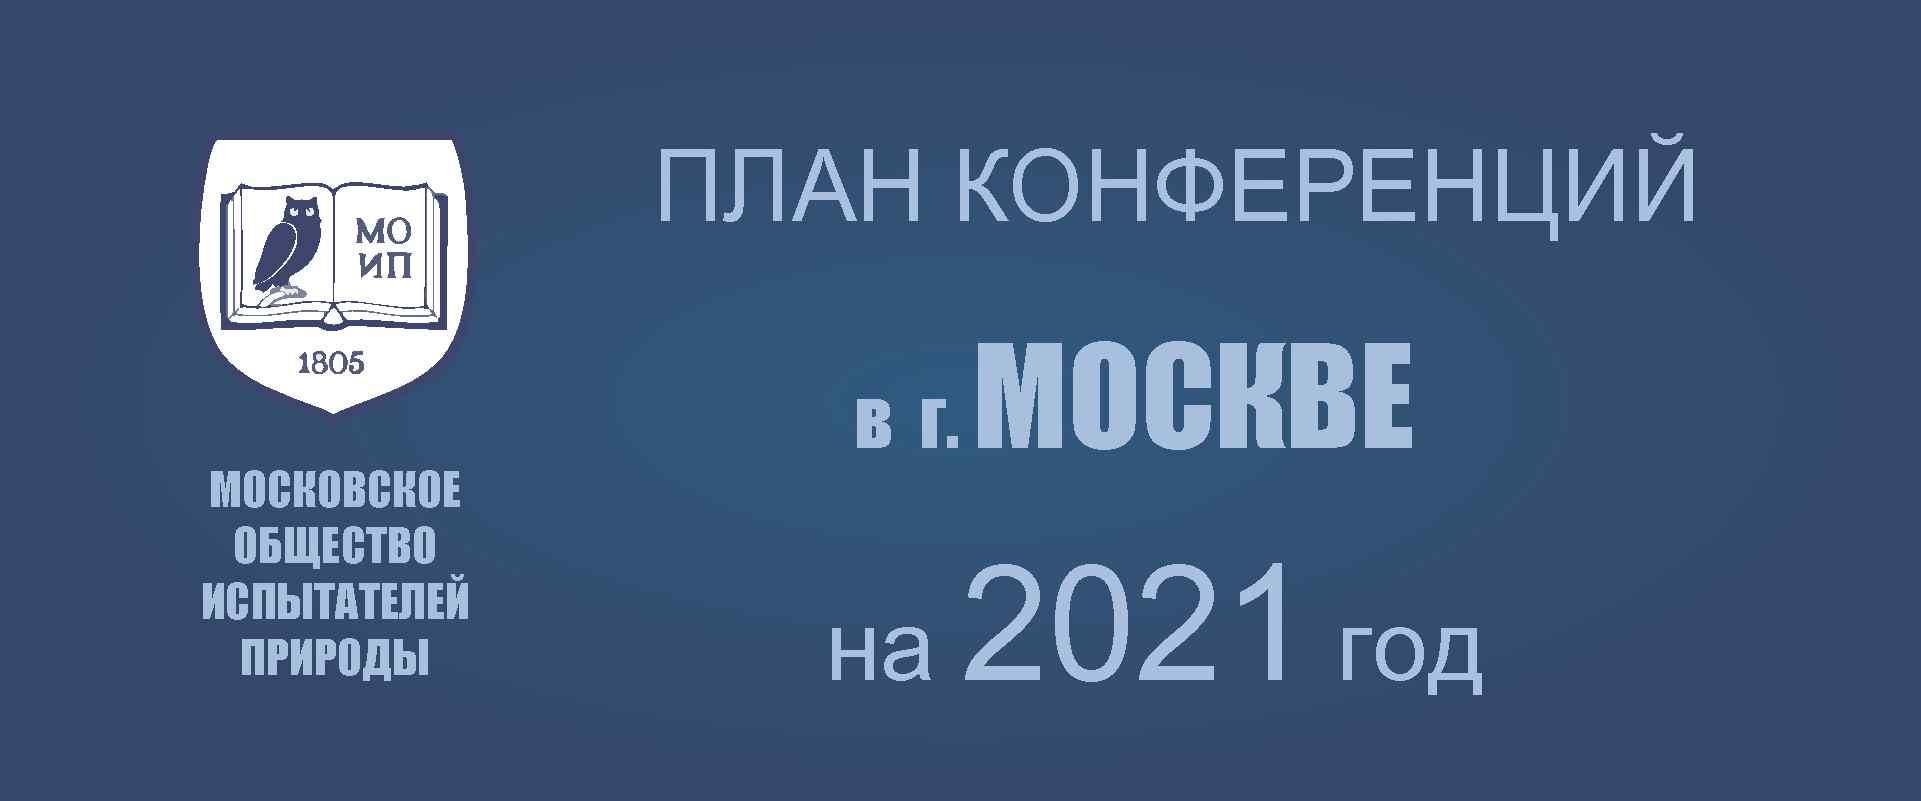 ПРЕДСТОЯЩИЕ КОНФЕРЕНЦИИ В МОСКВЕ: 2021 ГОД